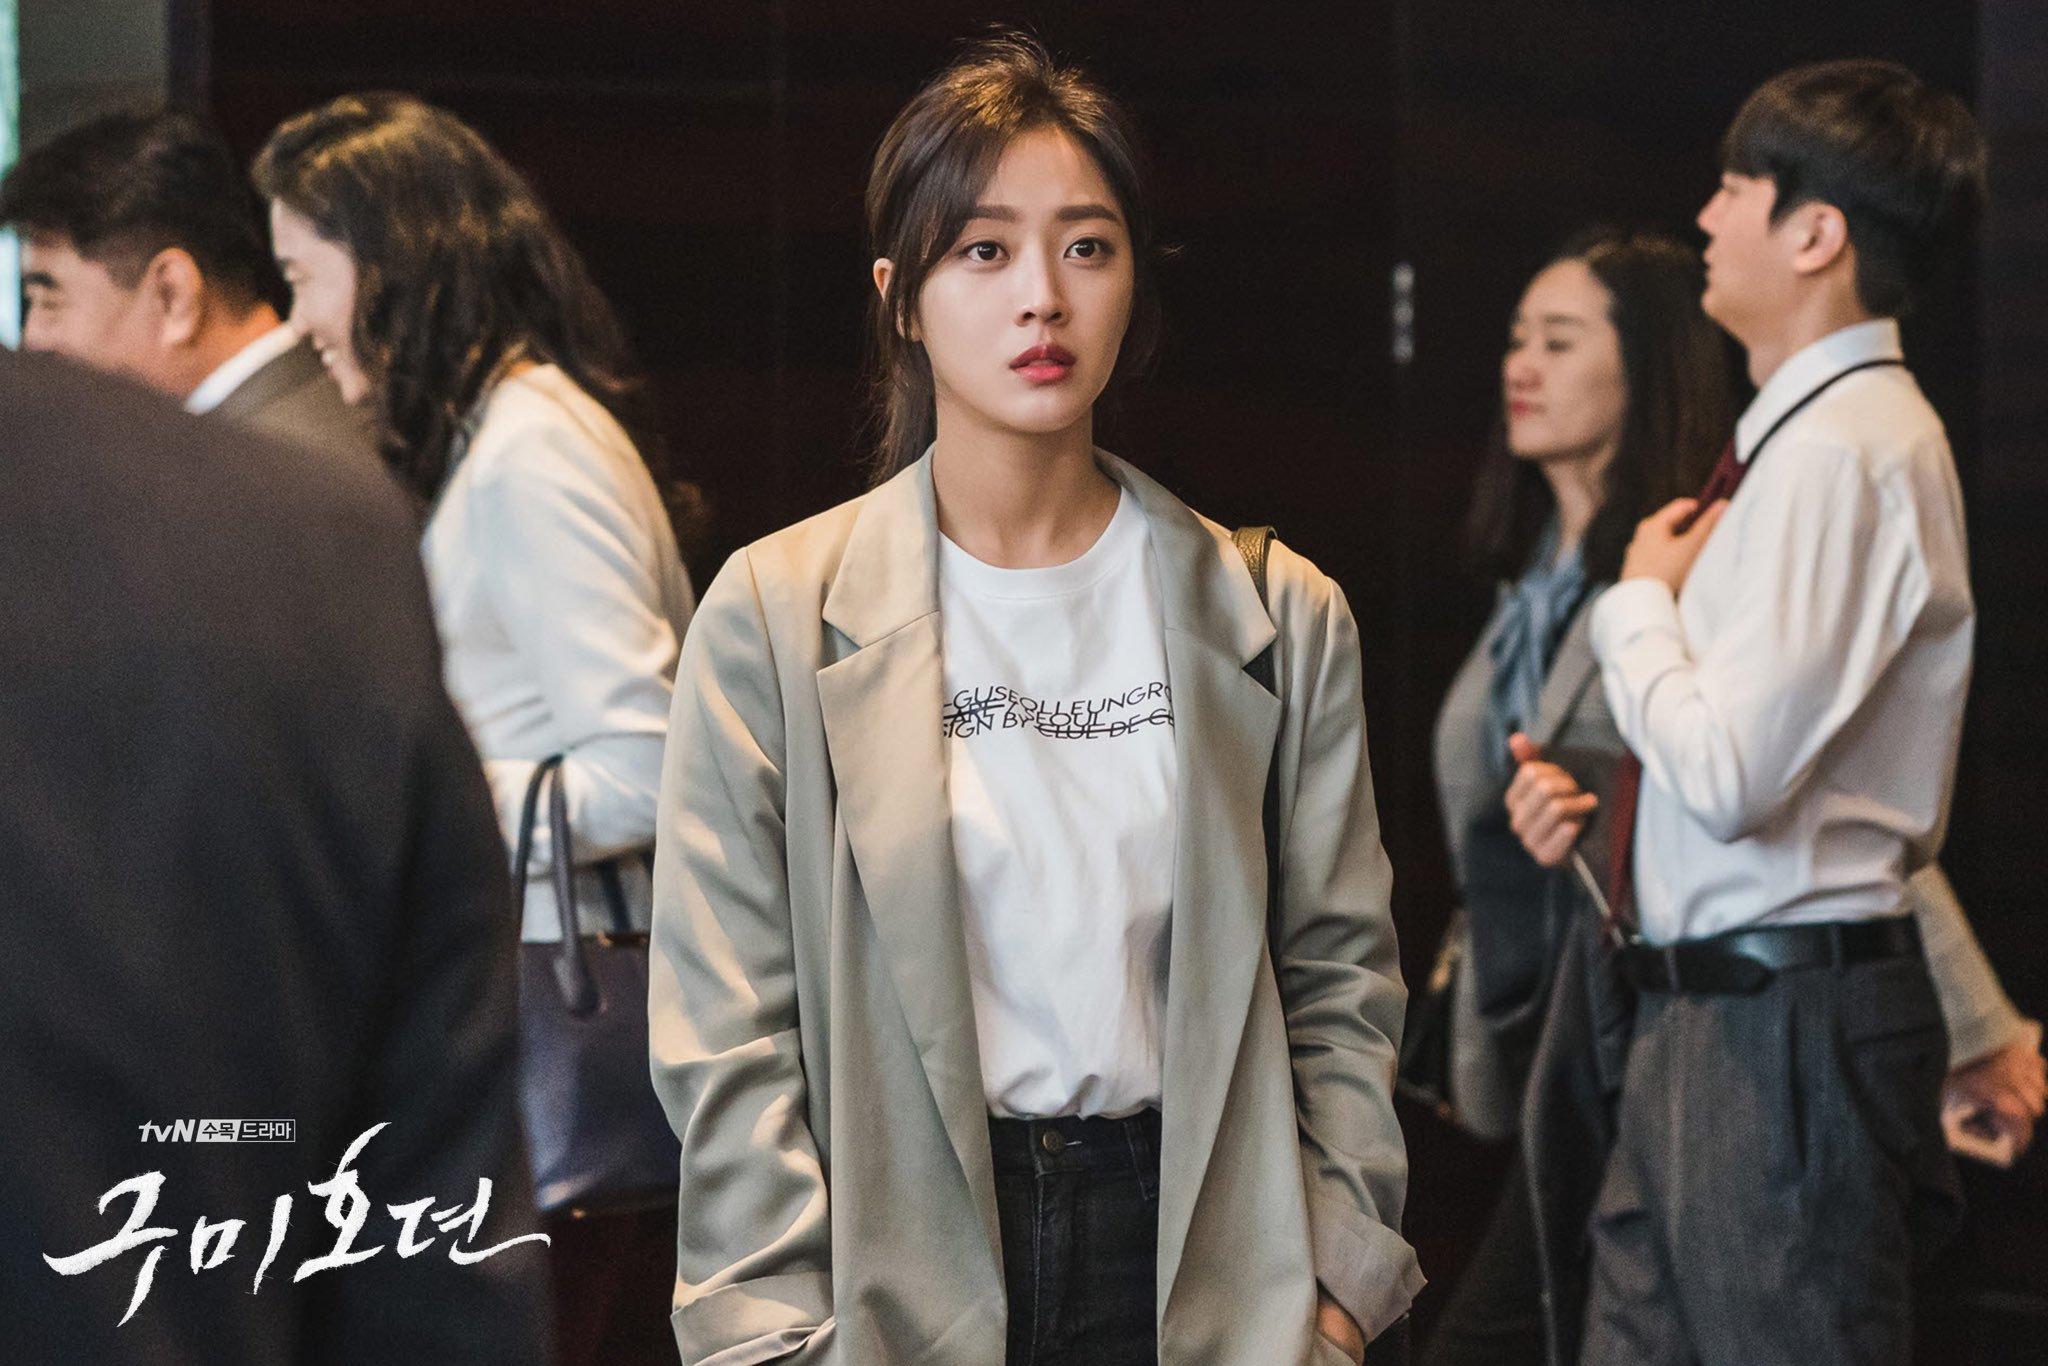 11 outfit công sở hot nhất trong các drama Hàn: Đơn giản và chuẩn thanh lịch, xua tan nỗi lo mặc xấu khi đi làm - Ảnh 4.